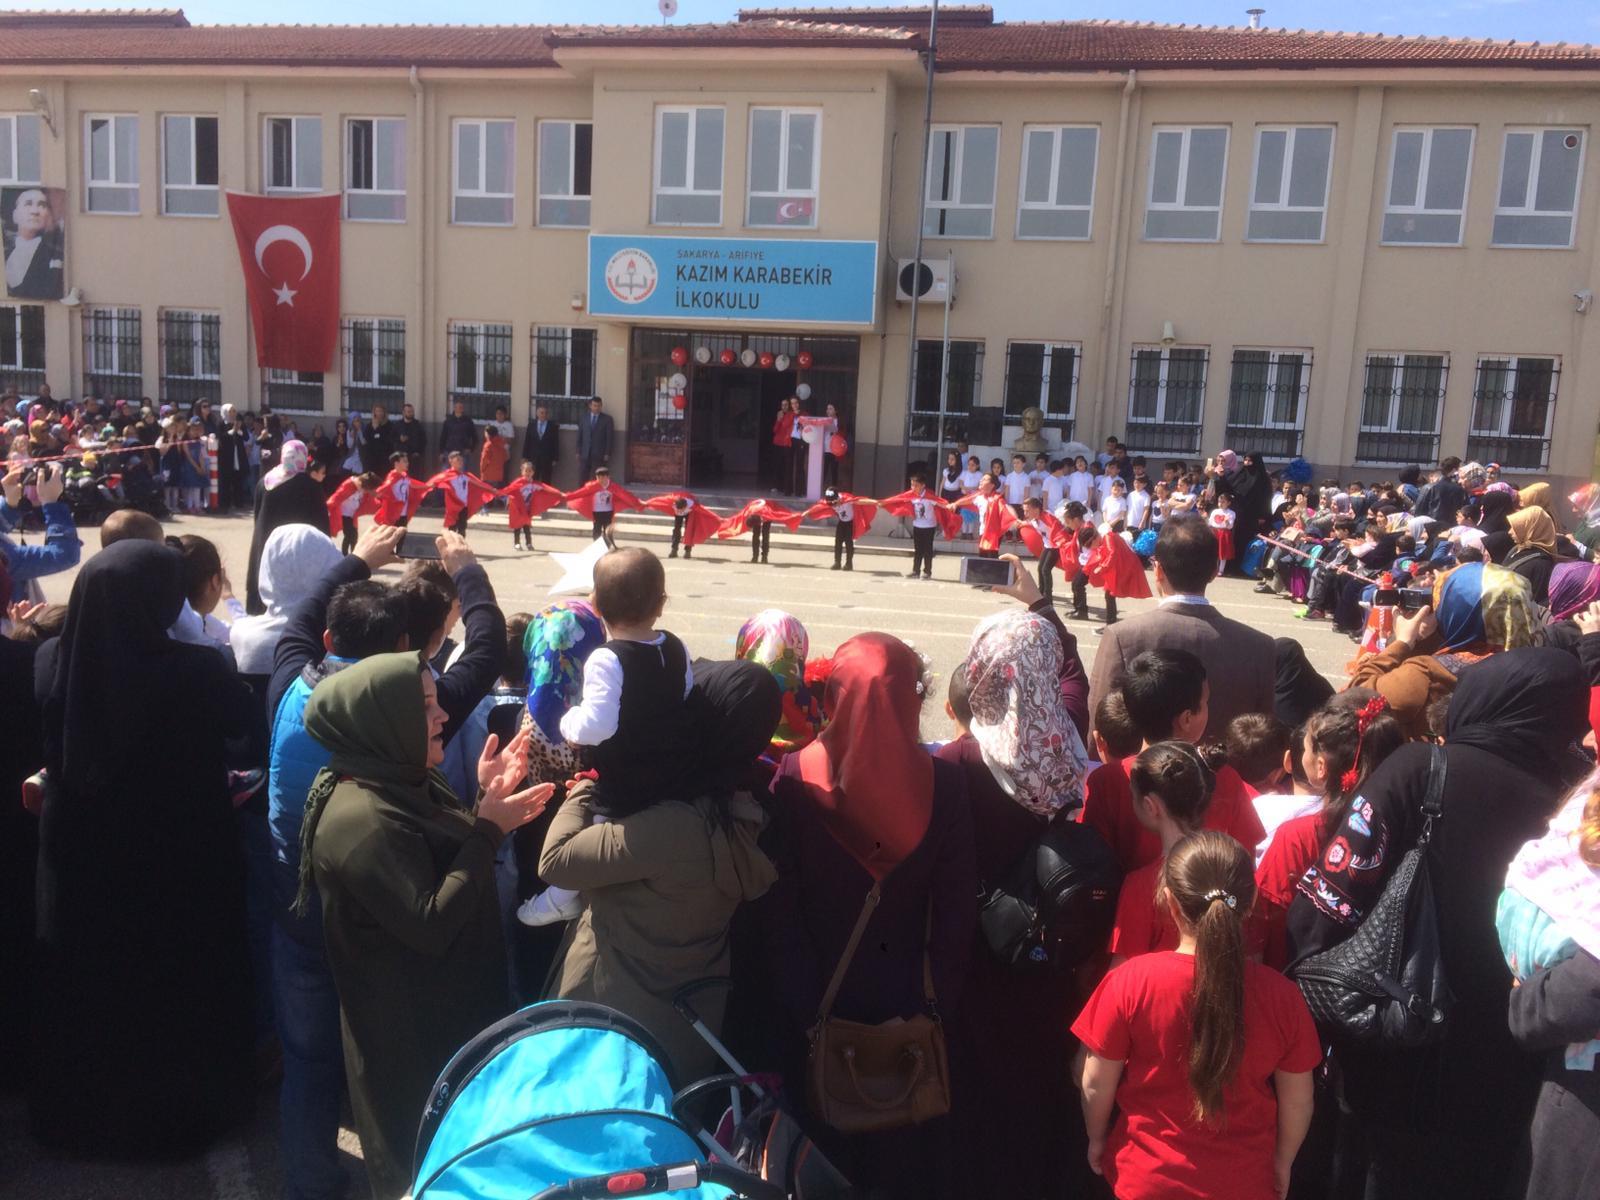 Arifiye Kazım Karabekir'de  23 Nisan coşkusu